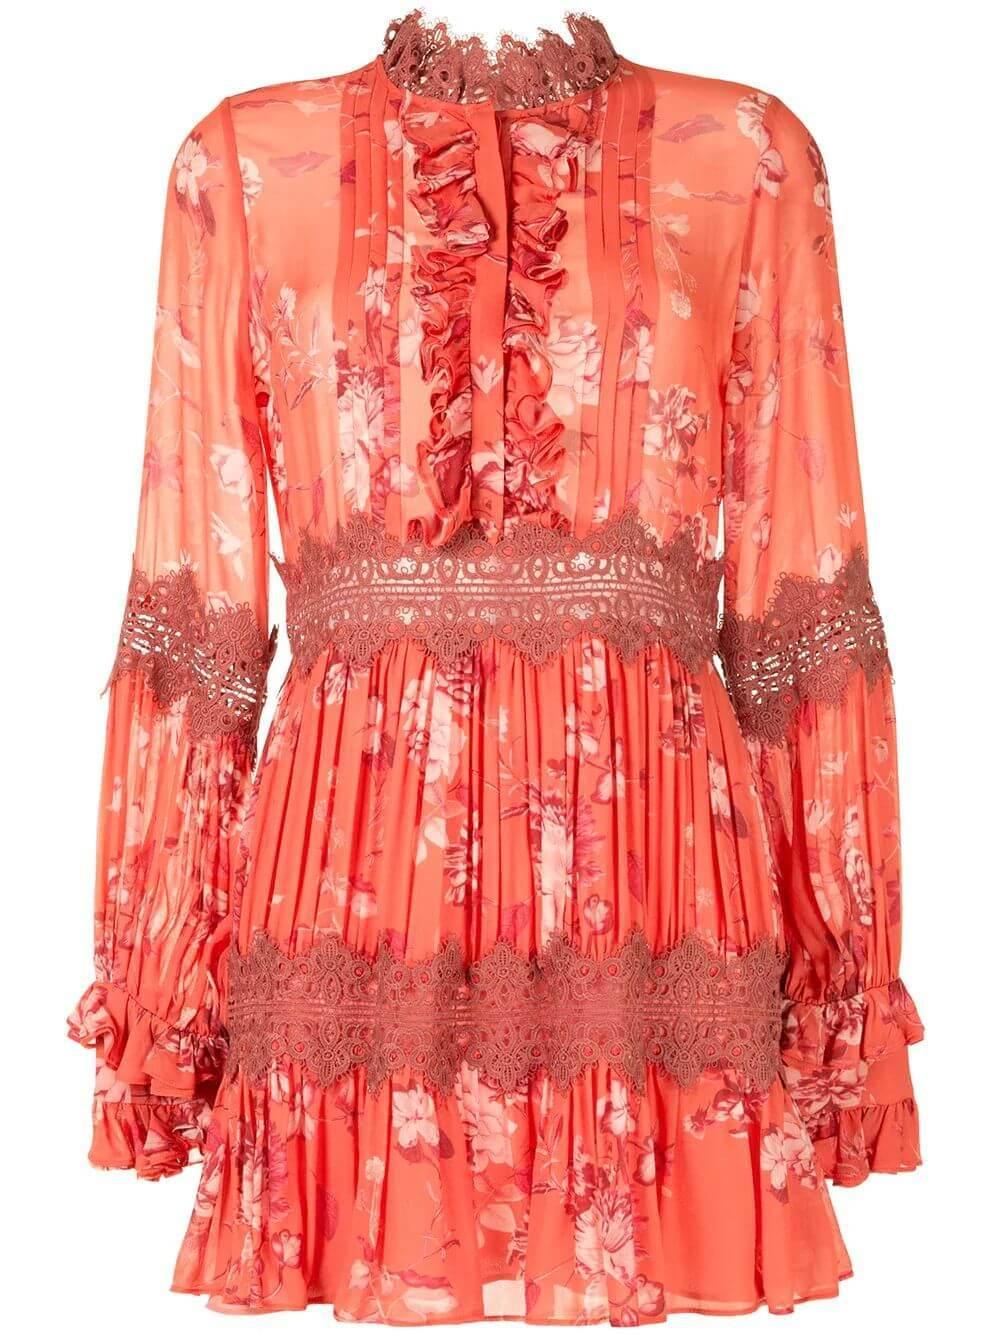 Beaumont Floral Dress Item # BEAUMONT